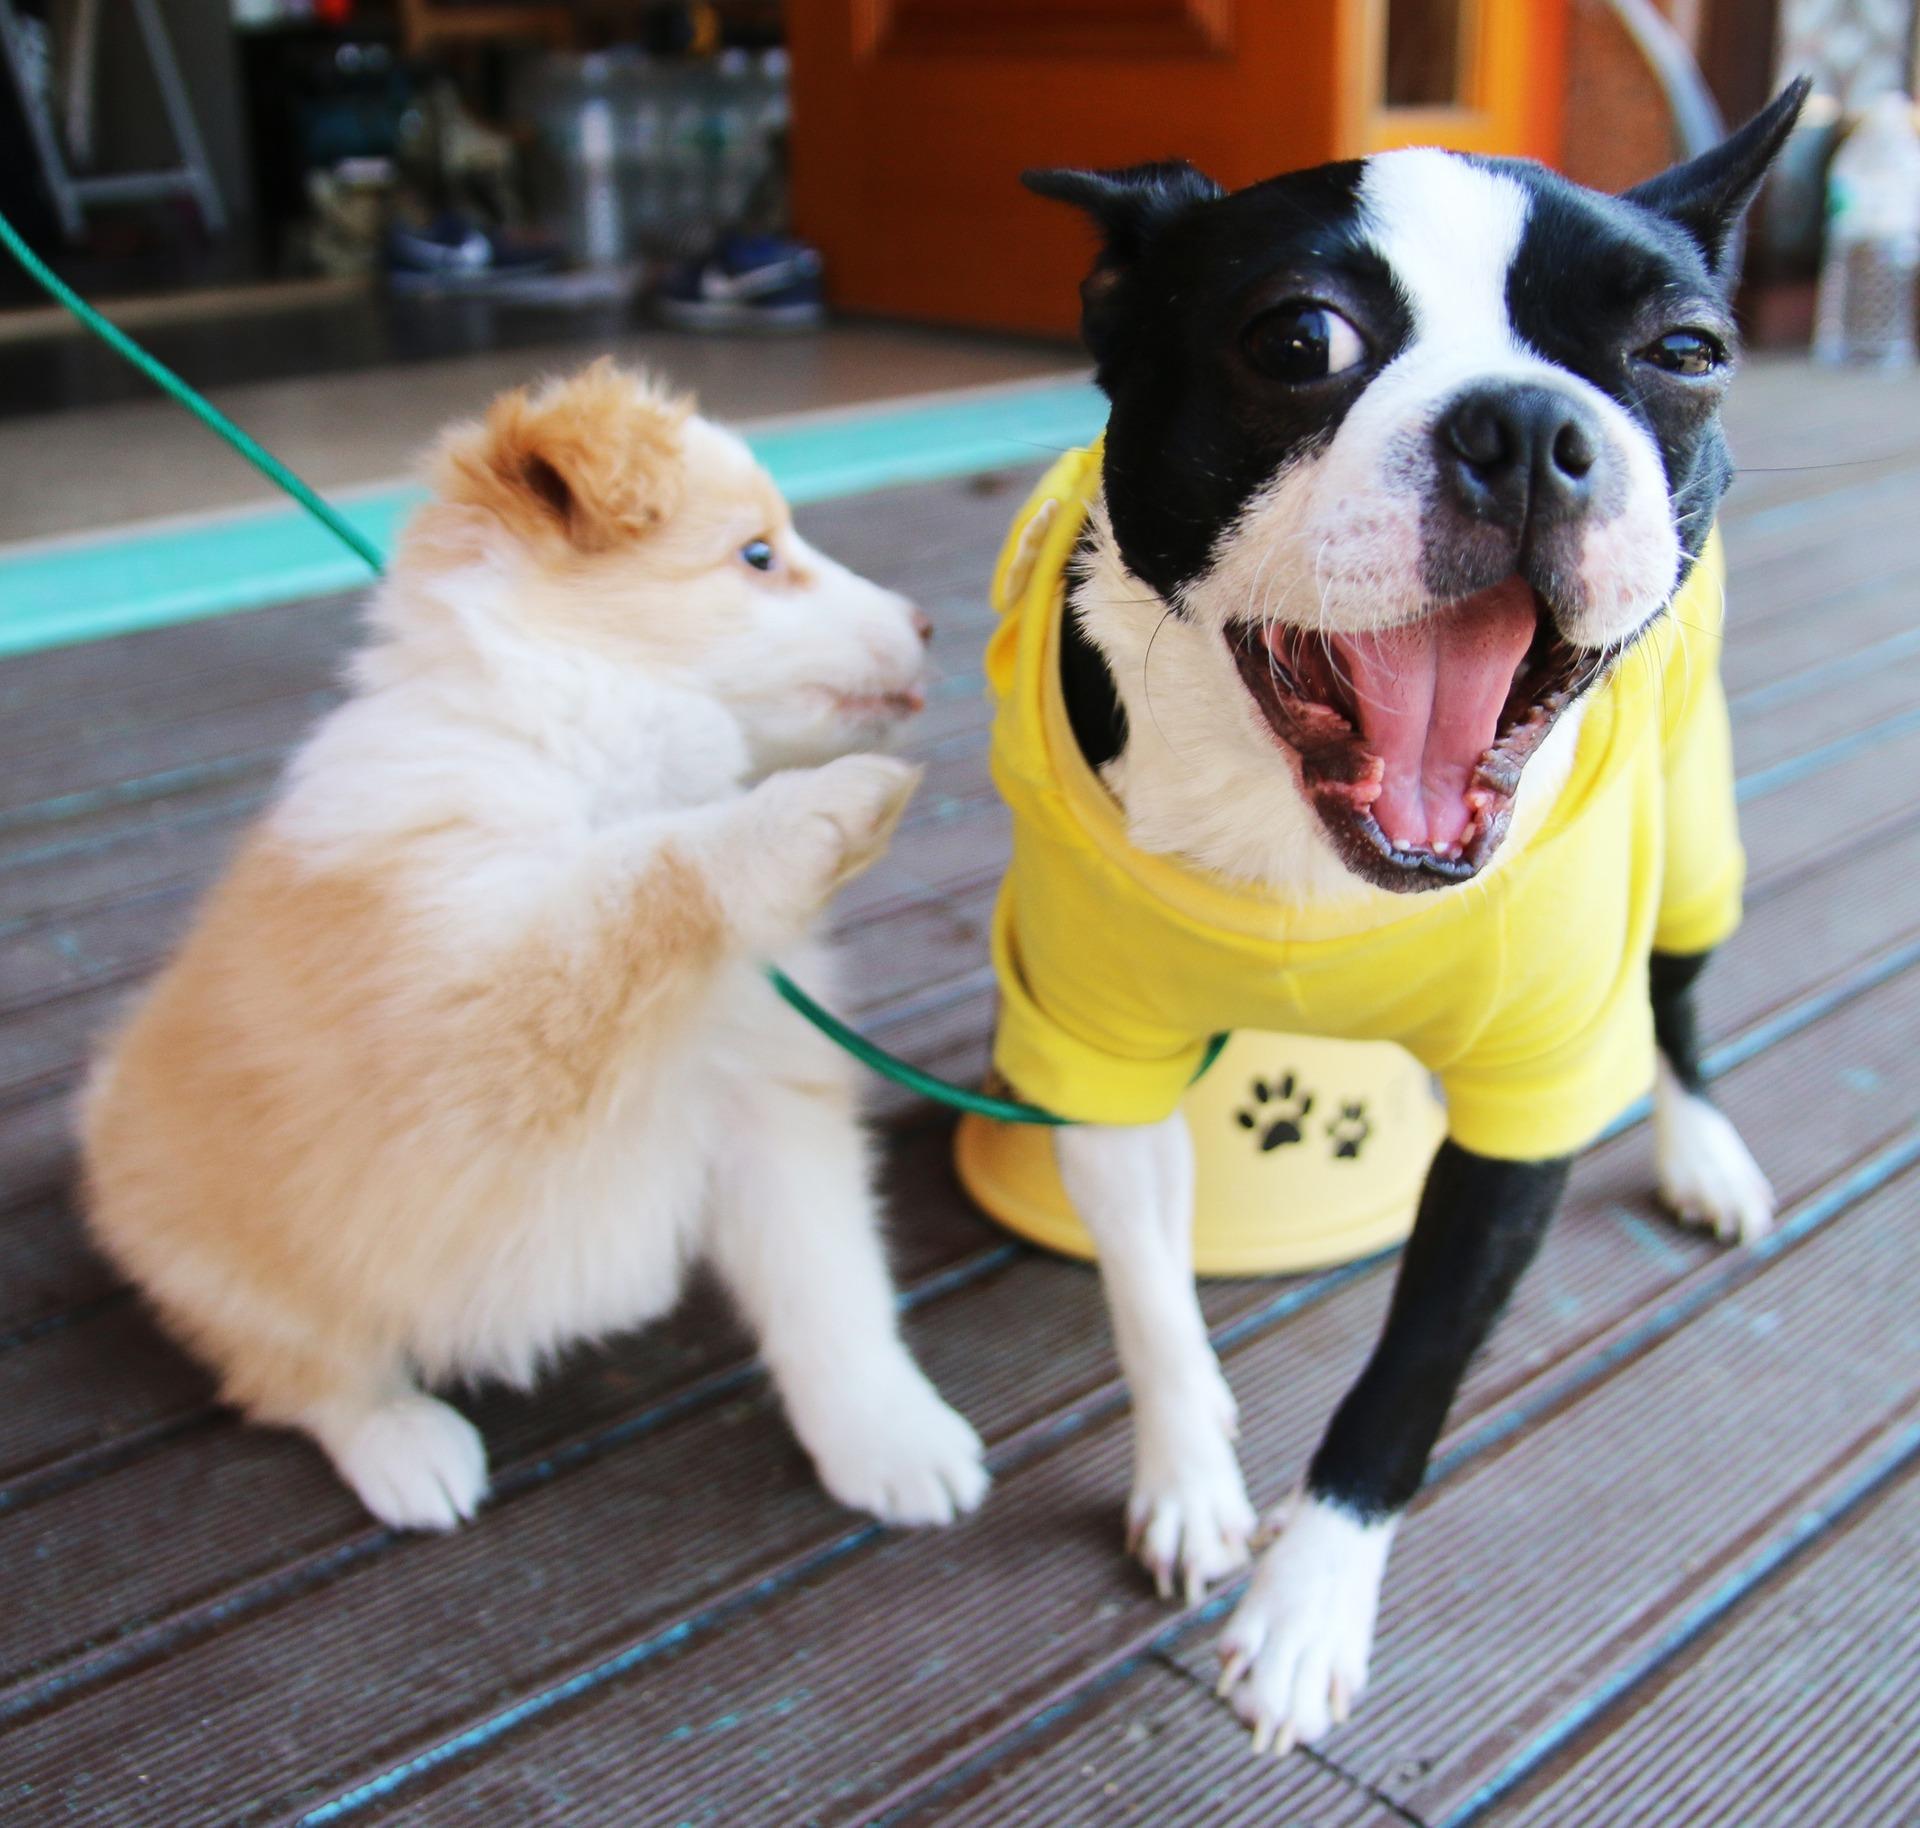 Dobré správy pre všetkých psíčkarov. Ich miláčikovia dostanú v hoteloch originálny bonus!